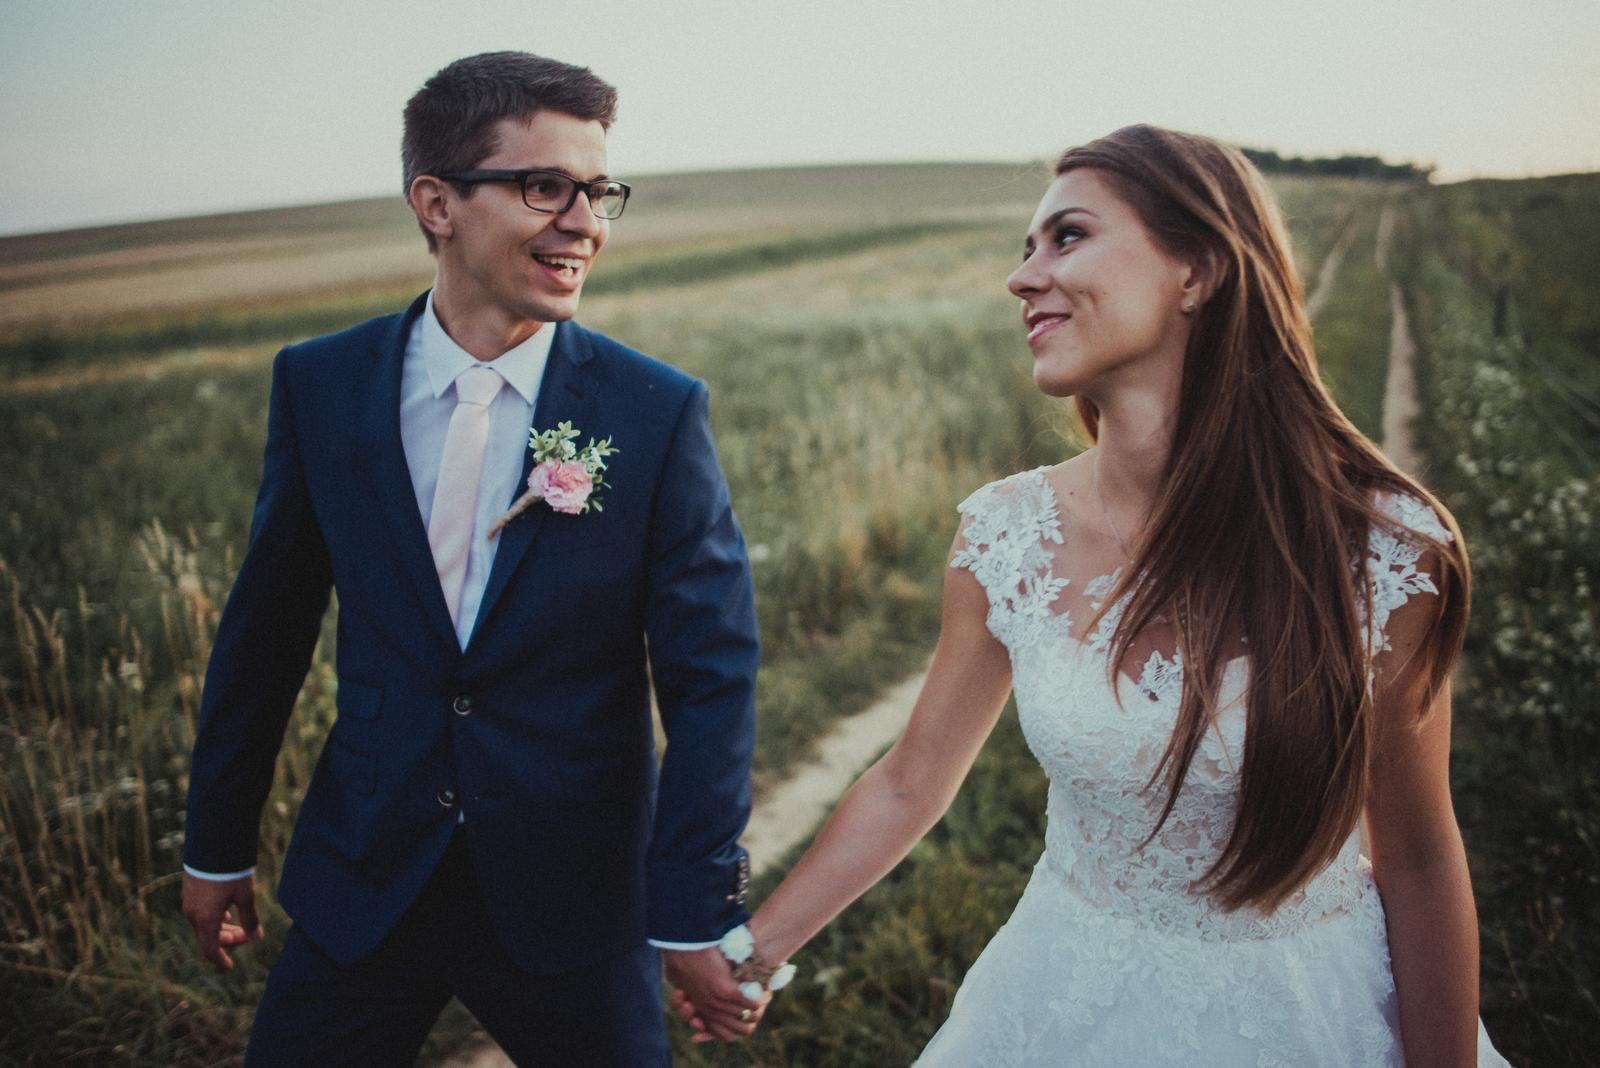 Ahojte nevestičky, tak my už máme tiež po svadbe, všetko bolo úžasné stále máme v sebe radosť z toho krásneho dňa...:) Aspoň jedna foto na začiatok, potom pridám aj album pre inšpiráciu...:)  ps: fotene po svadbe, preto ten učes :) - Obrázok č. 1